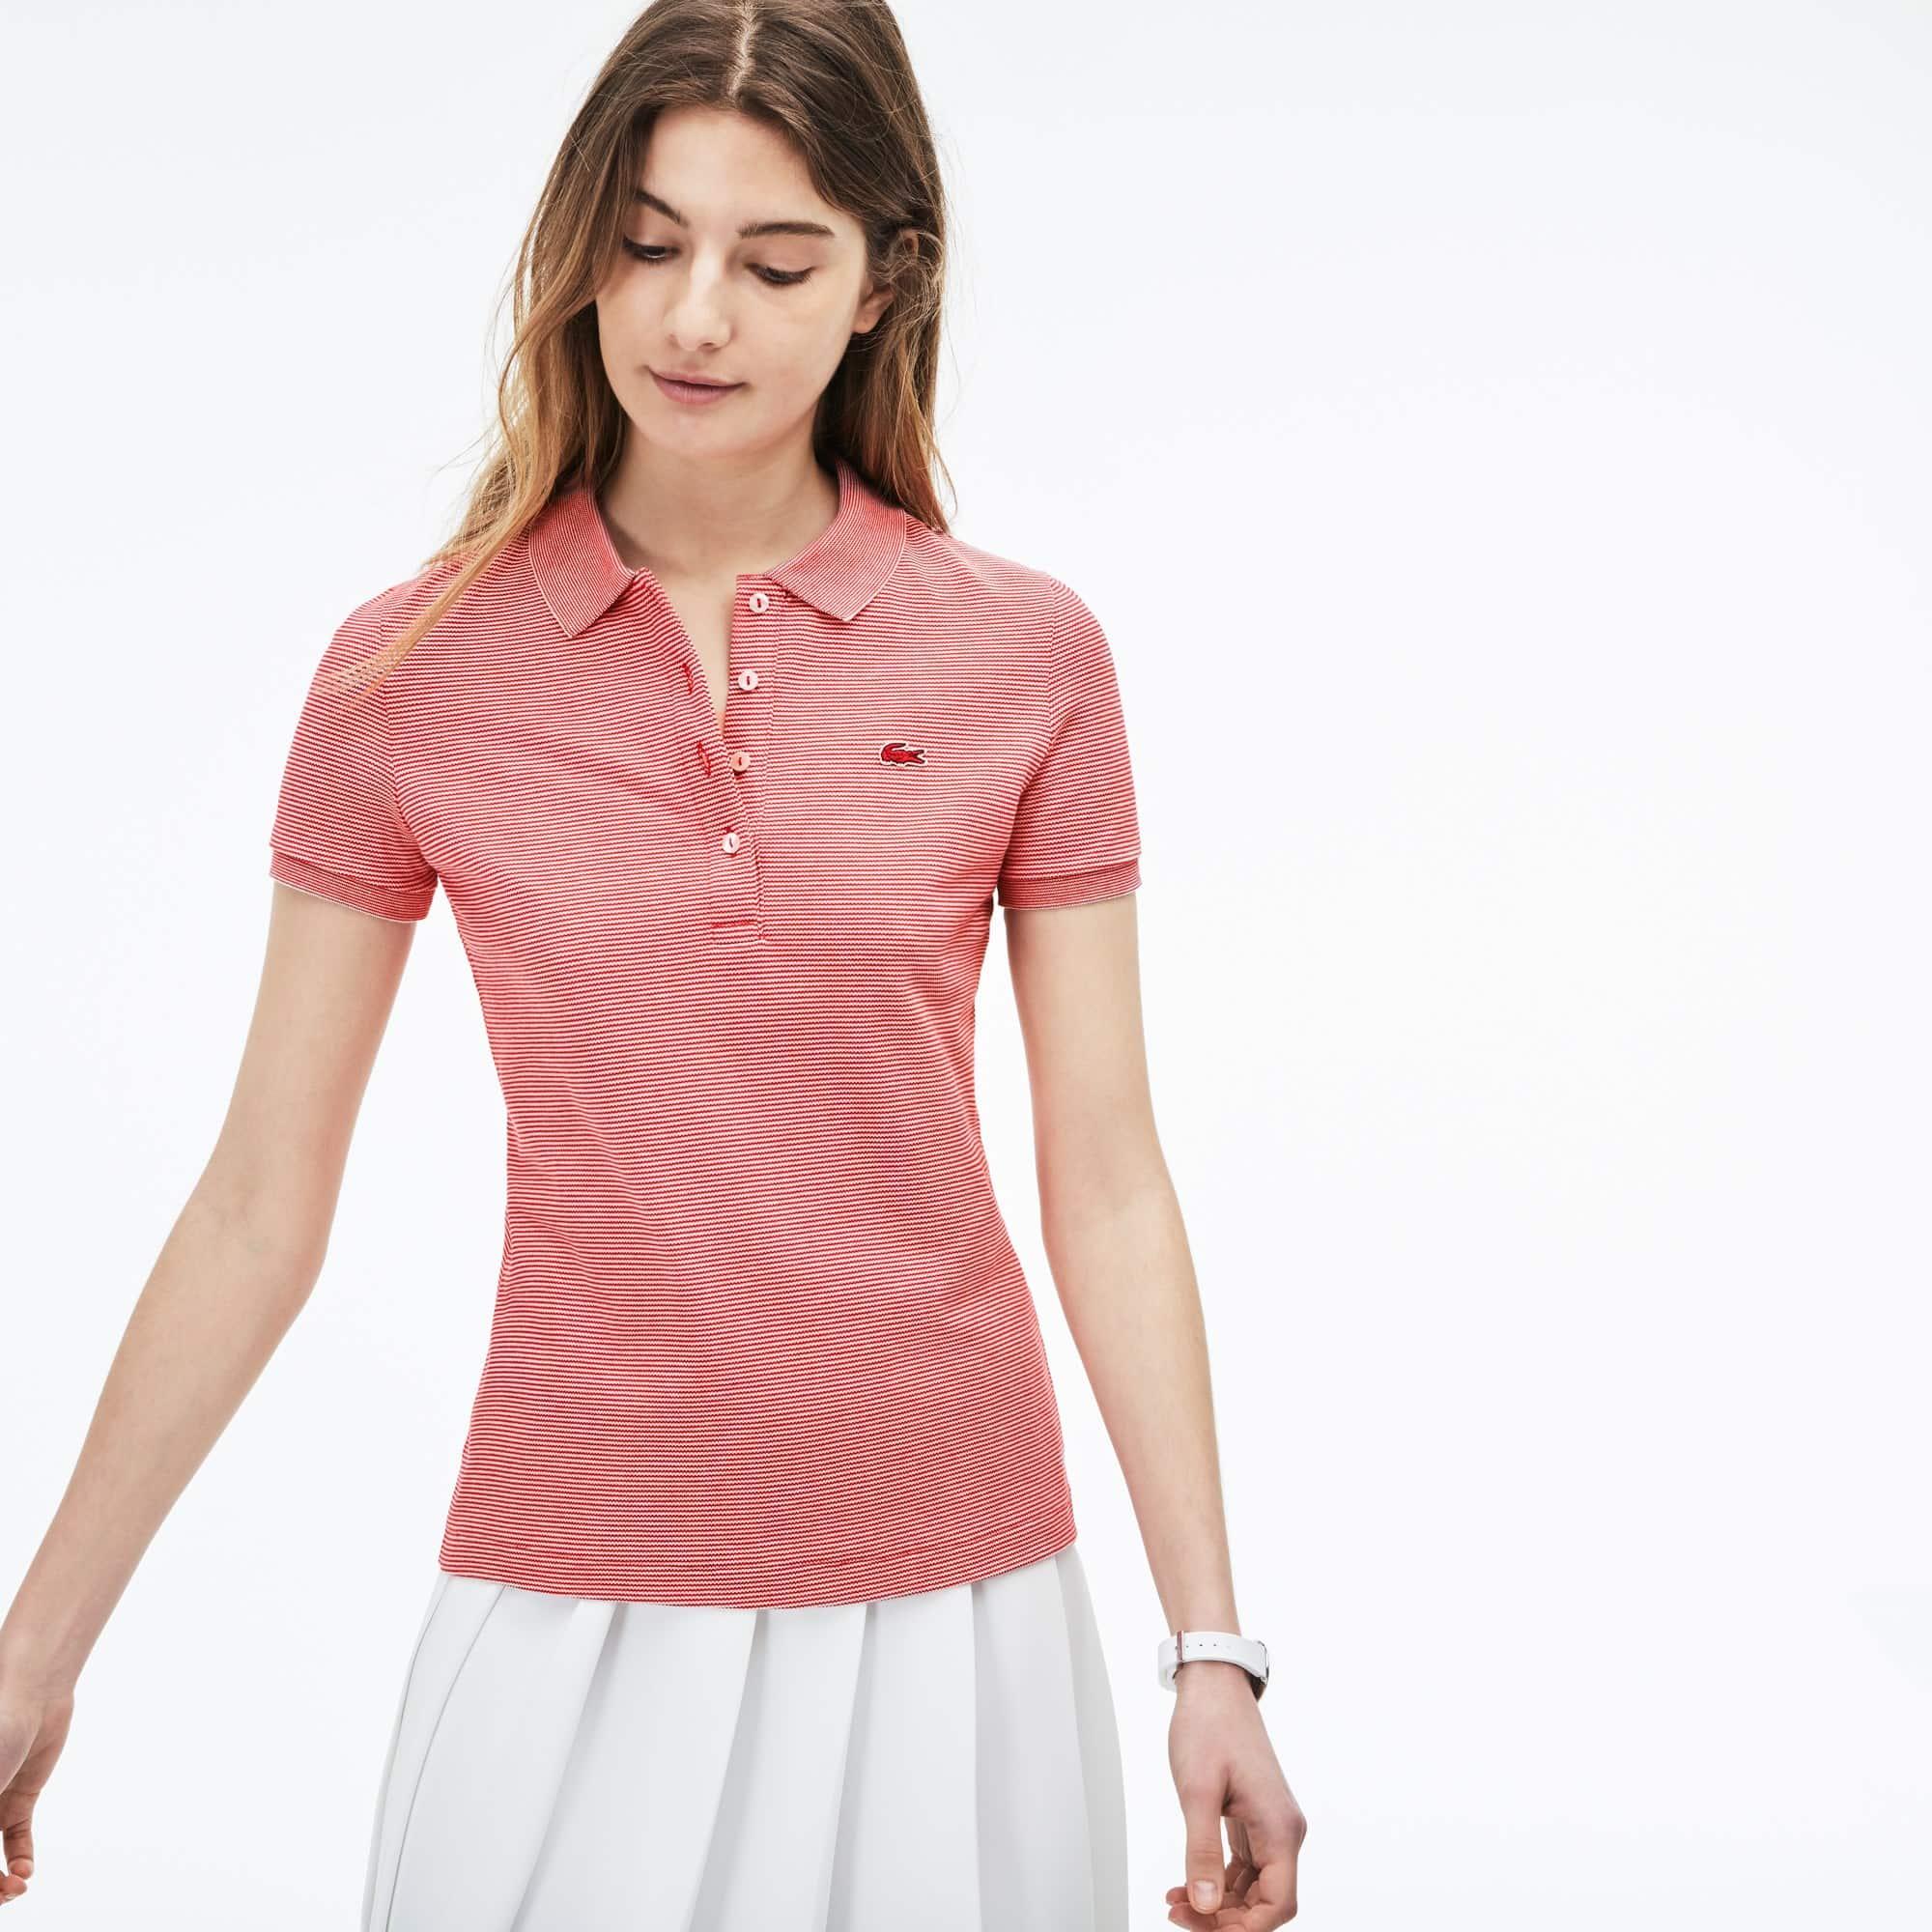 Slim Fit Damen-Polo aus gestreiftem Stretch-Mini-Piqué LACOSTE